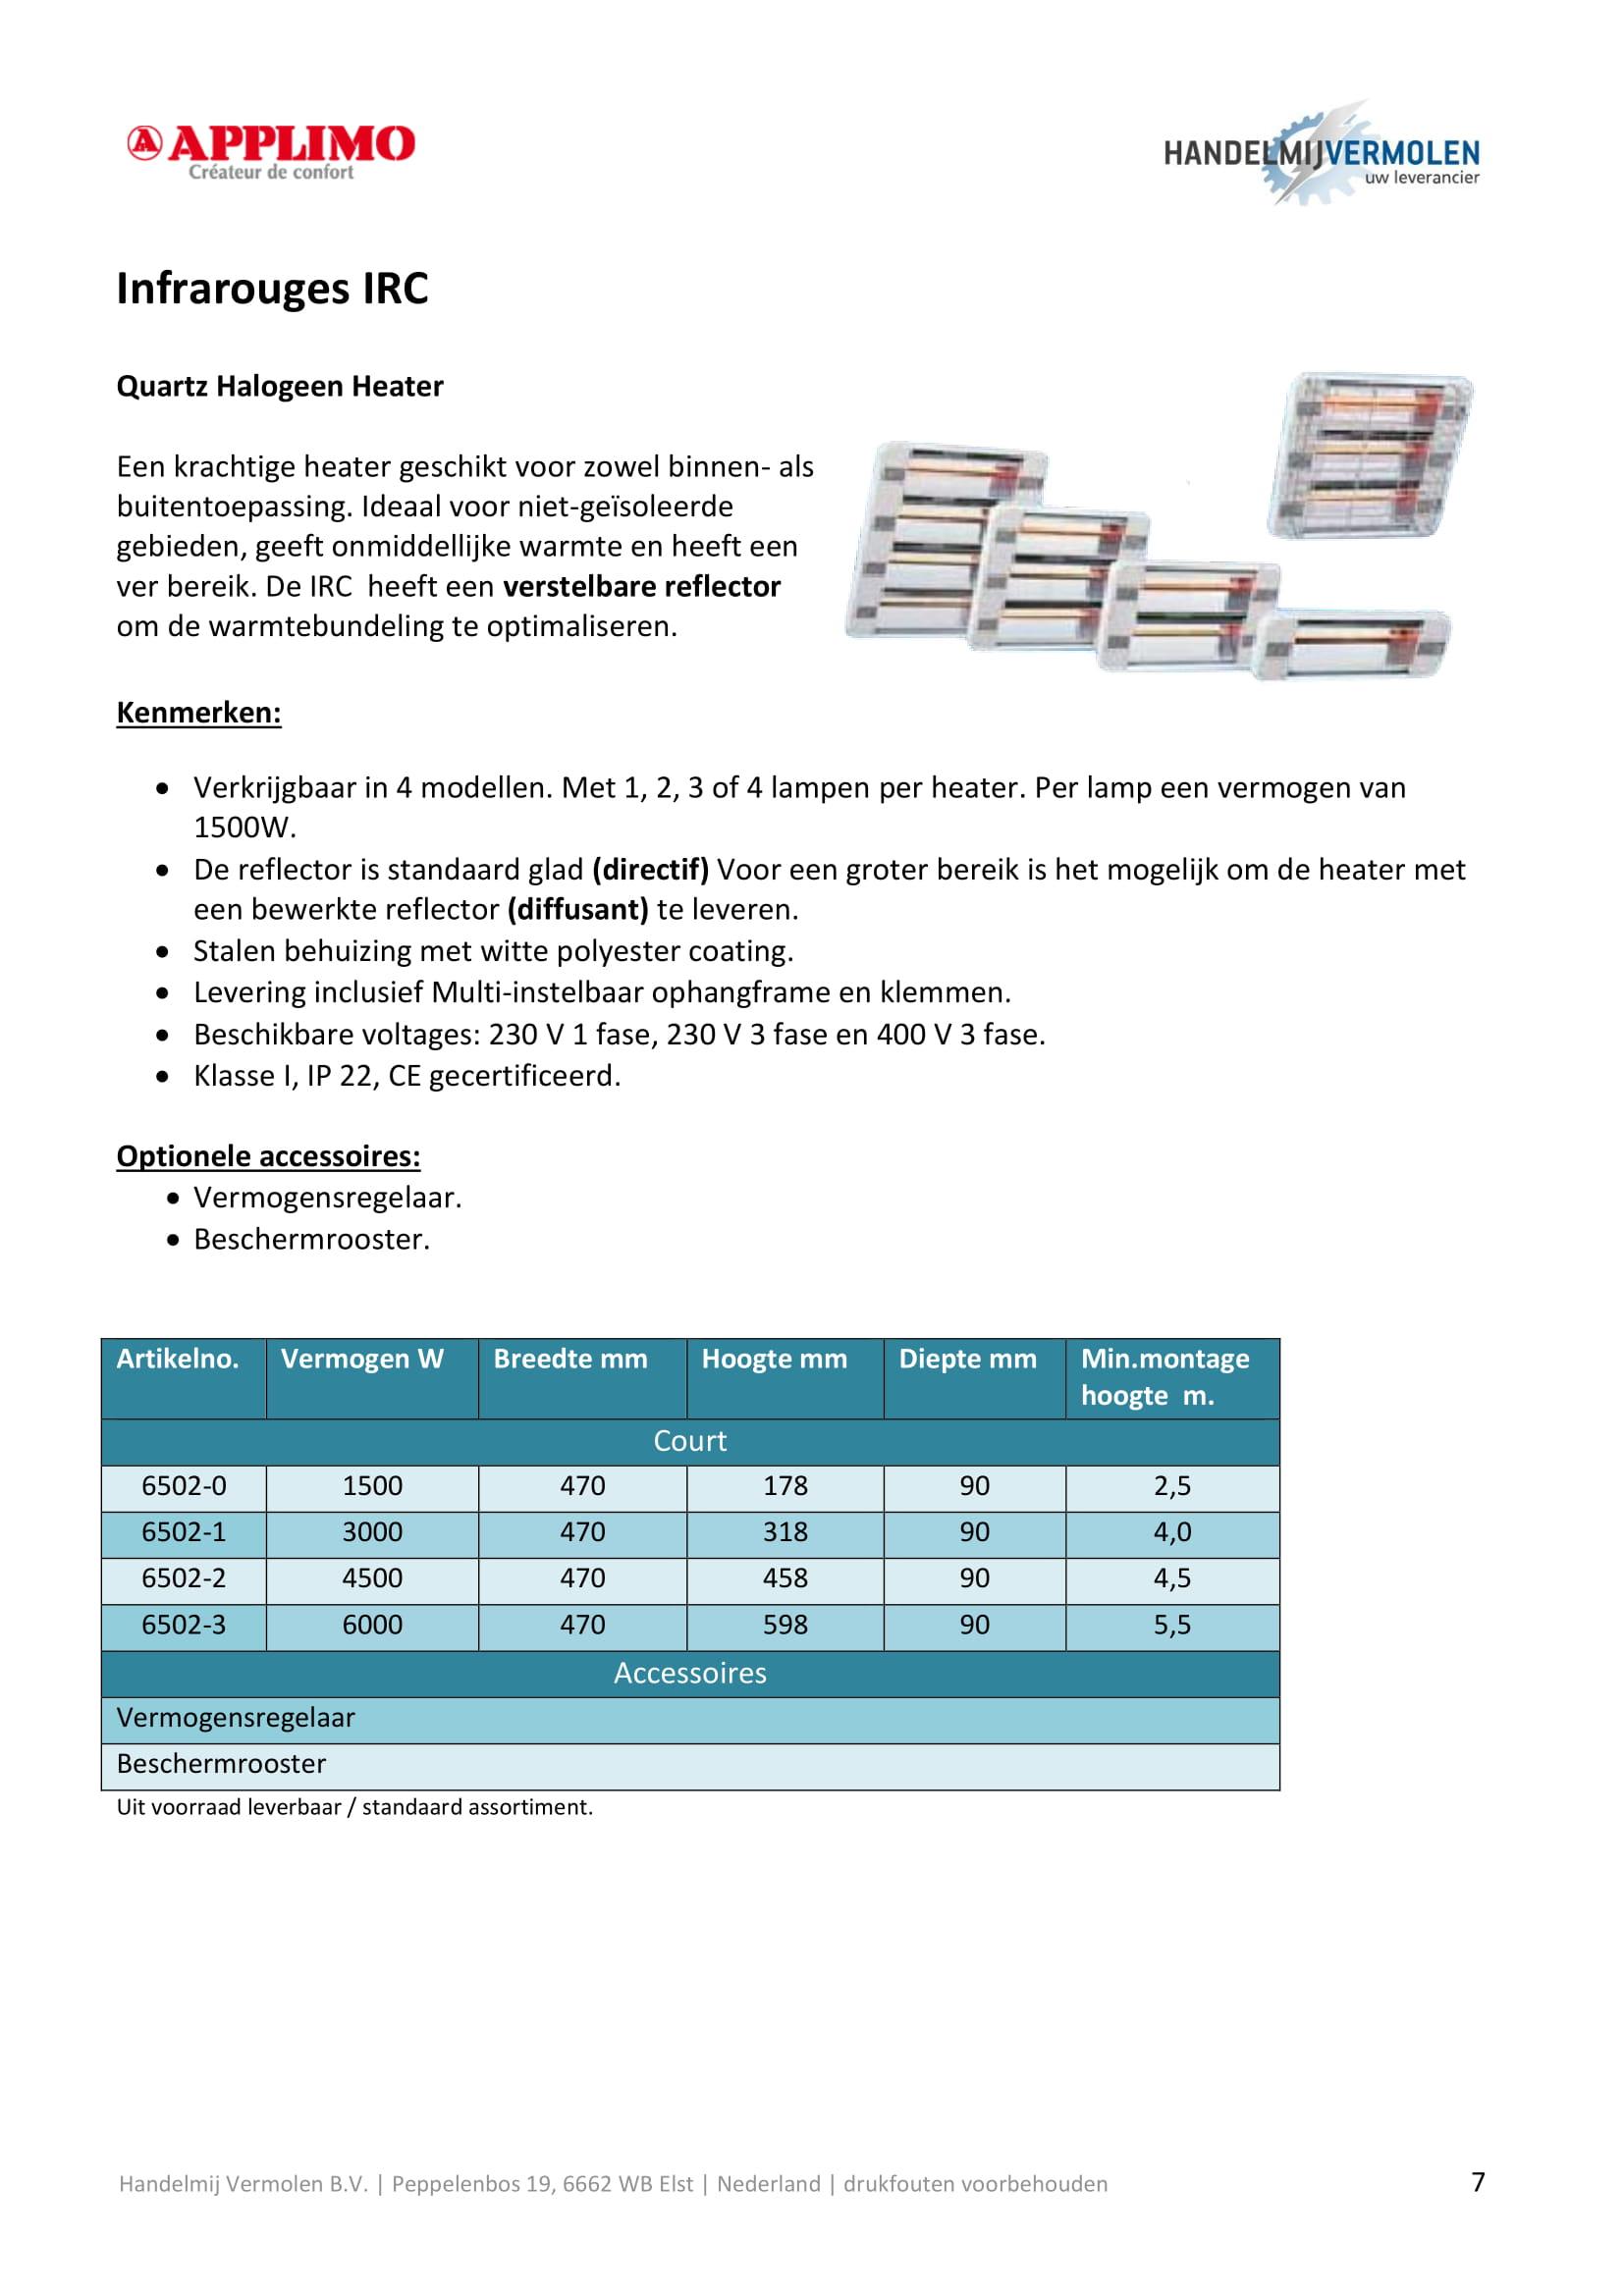 Applimo_productlijst_2021-09